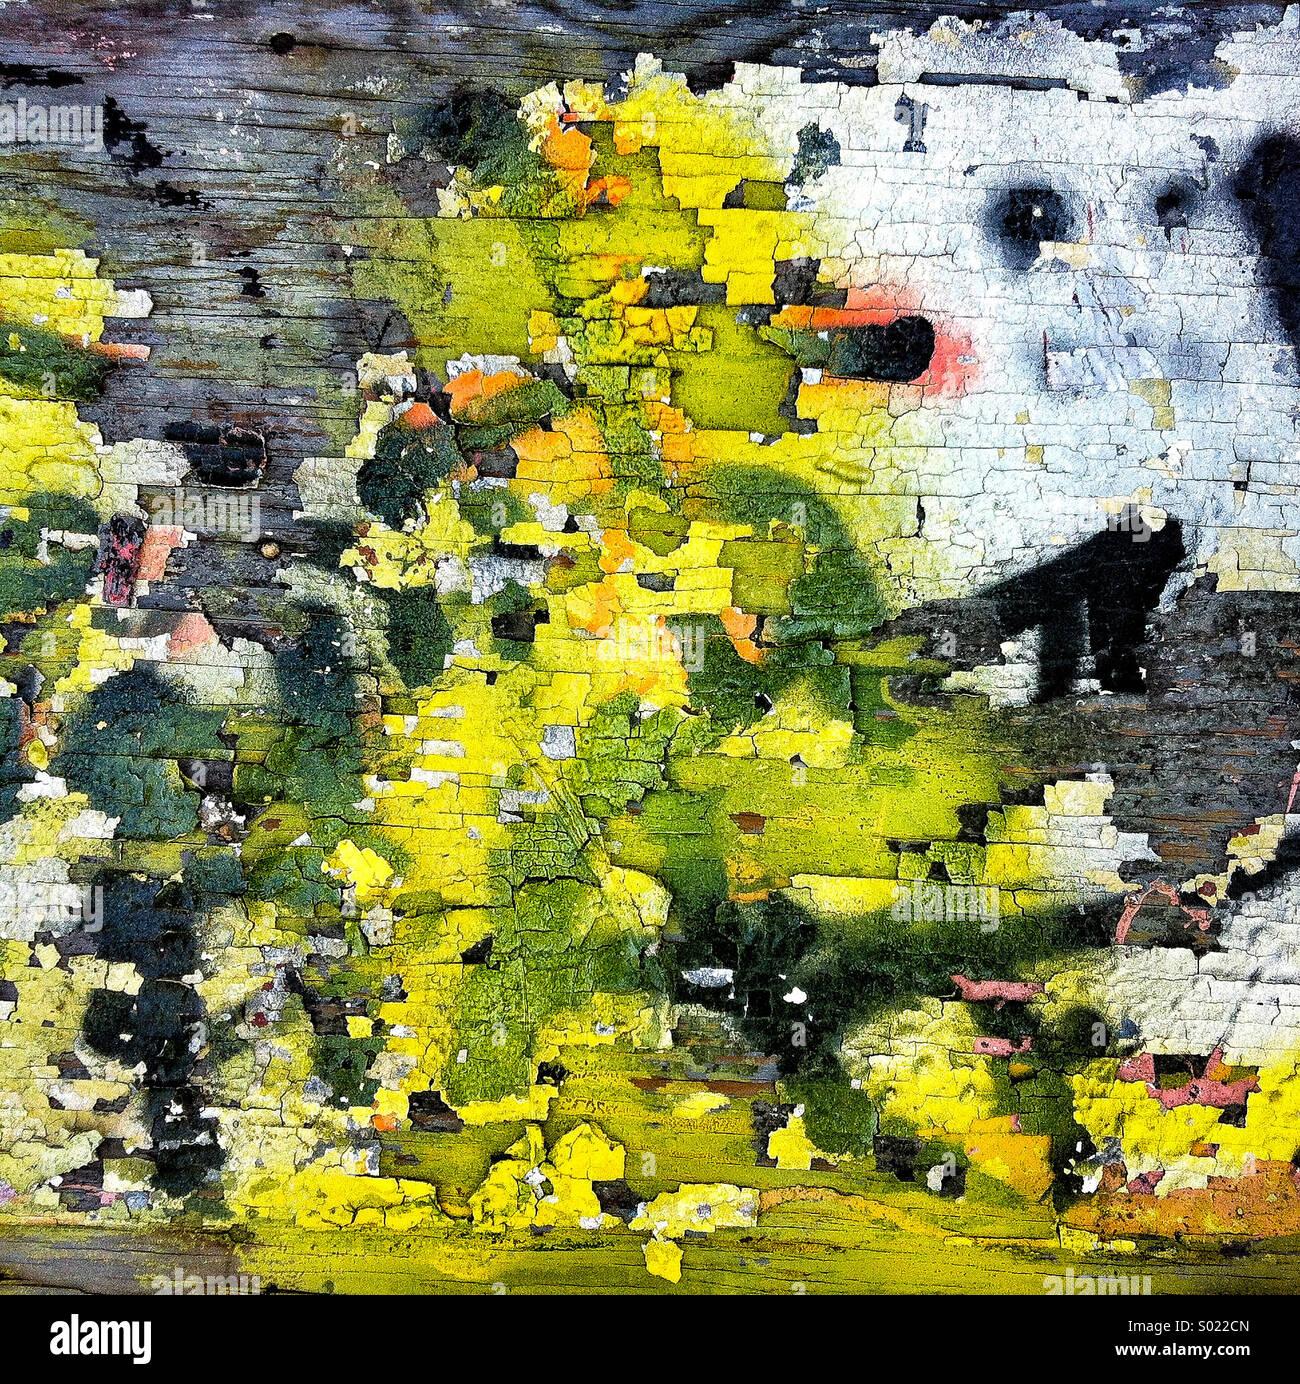 Un intéressant motif peint sur une surface du grain du bois Photo Stock